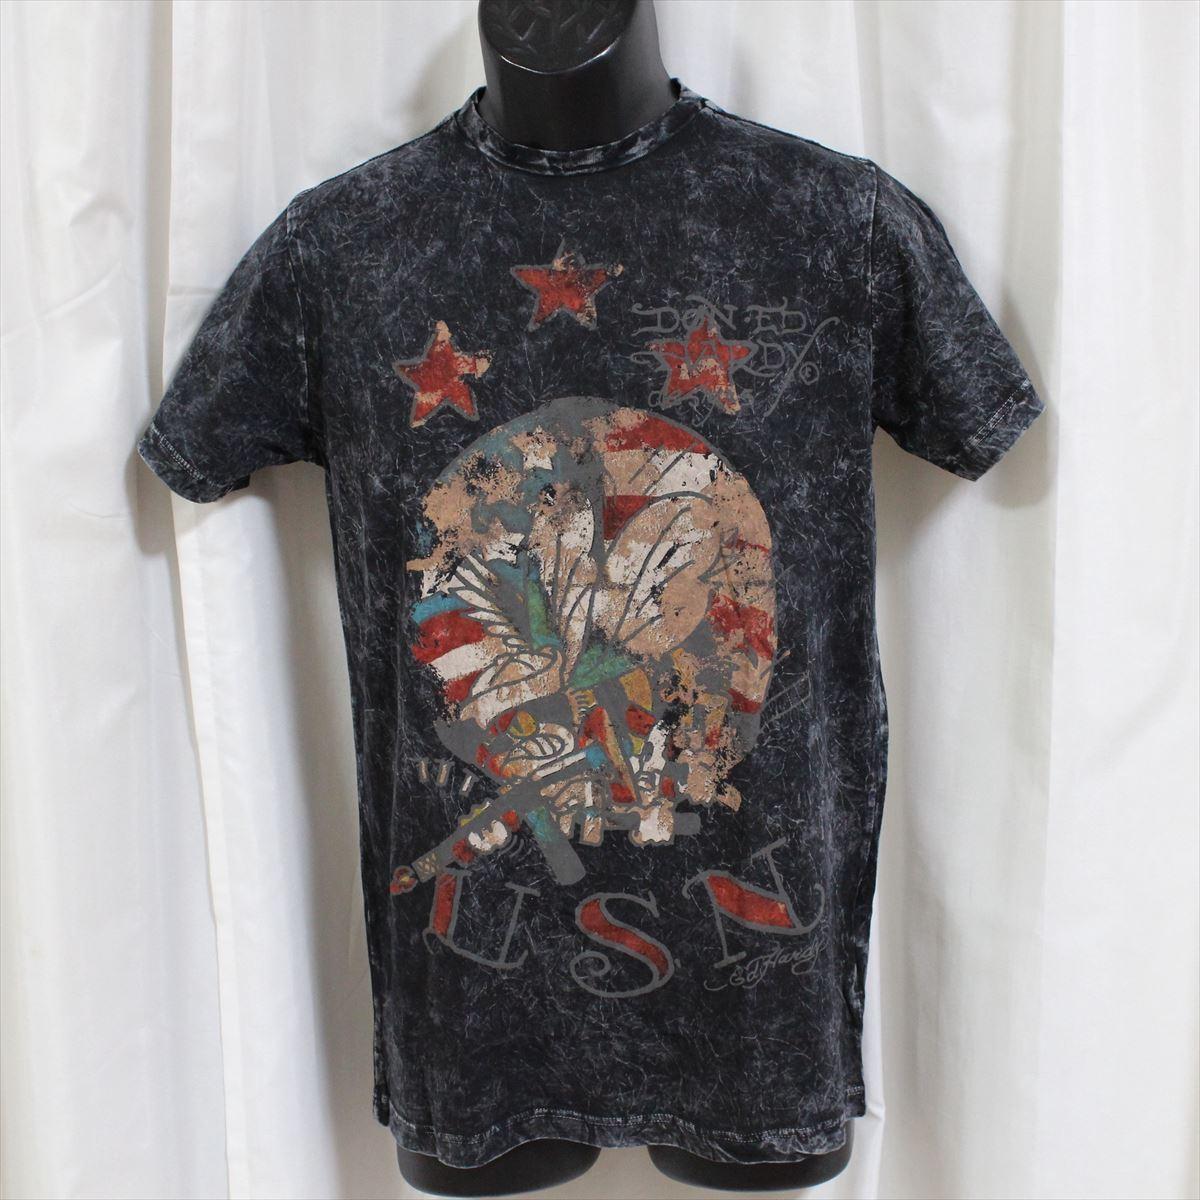 エドハーディー ED HARDY メンズ半袖Tシャツ ブラック Sサイズ 新品 アメリカ製 M02VTSB437_画像1